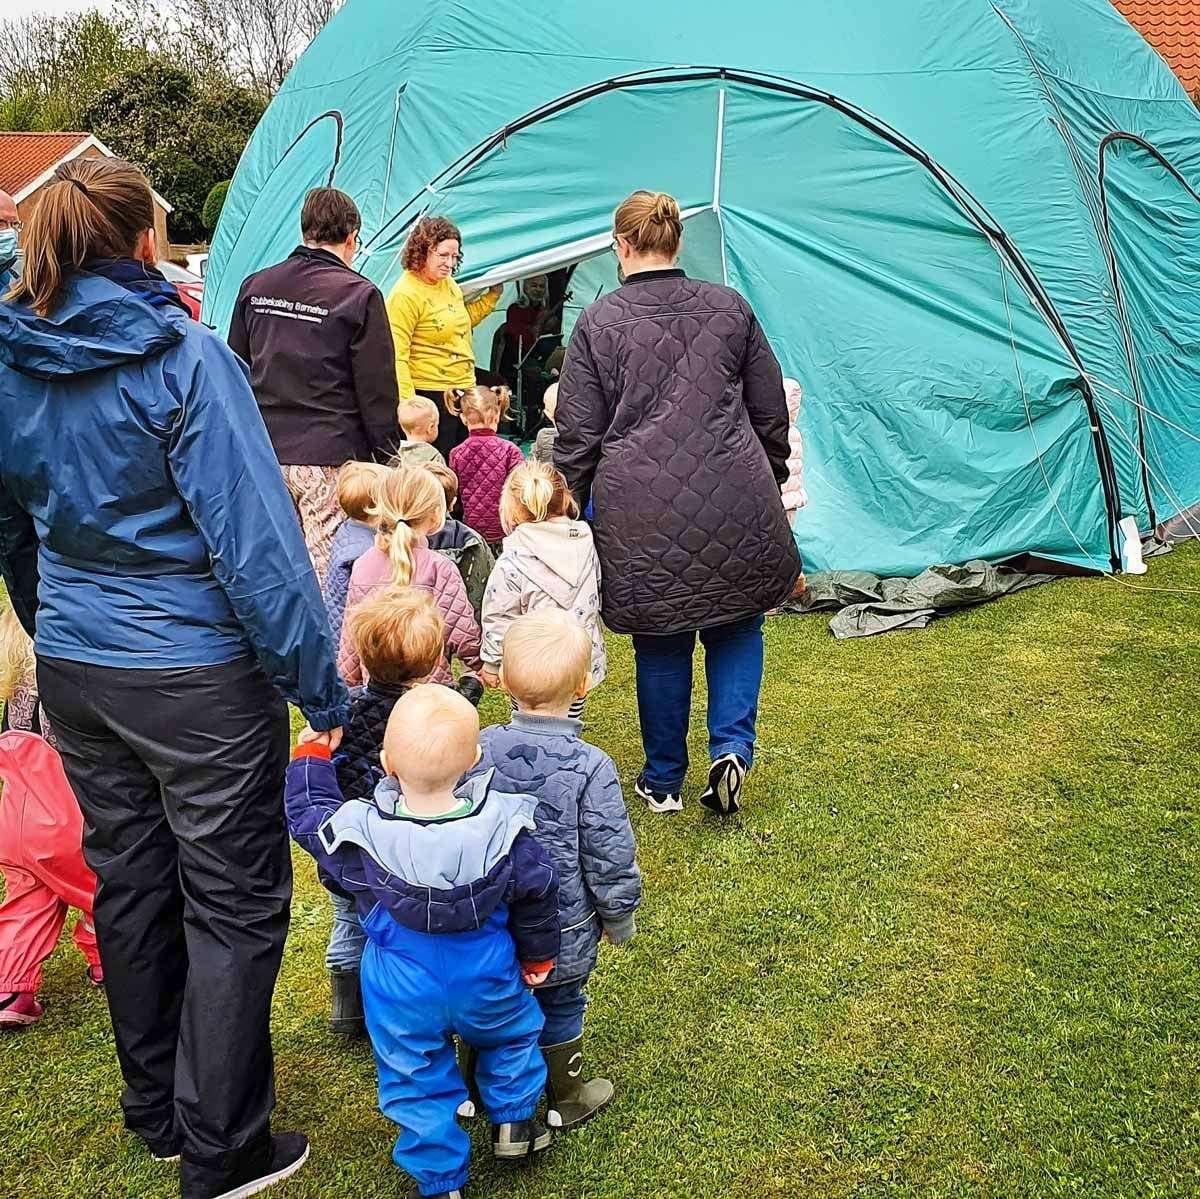 Børn ved telt. Foto Bjørn Meldgaard